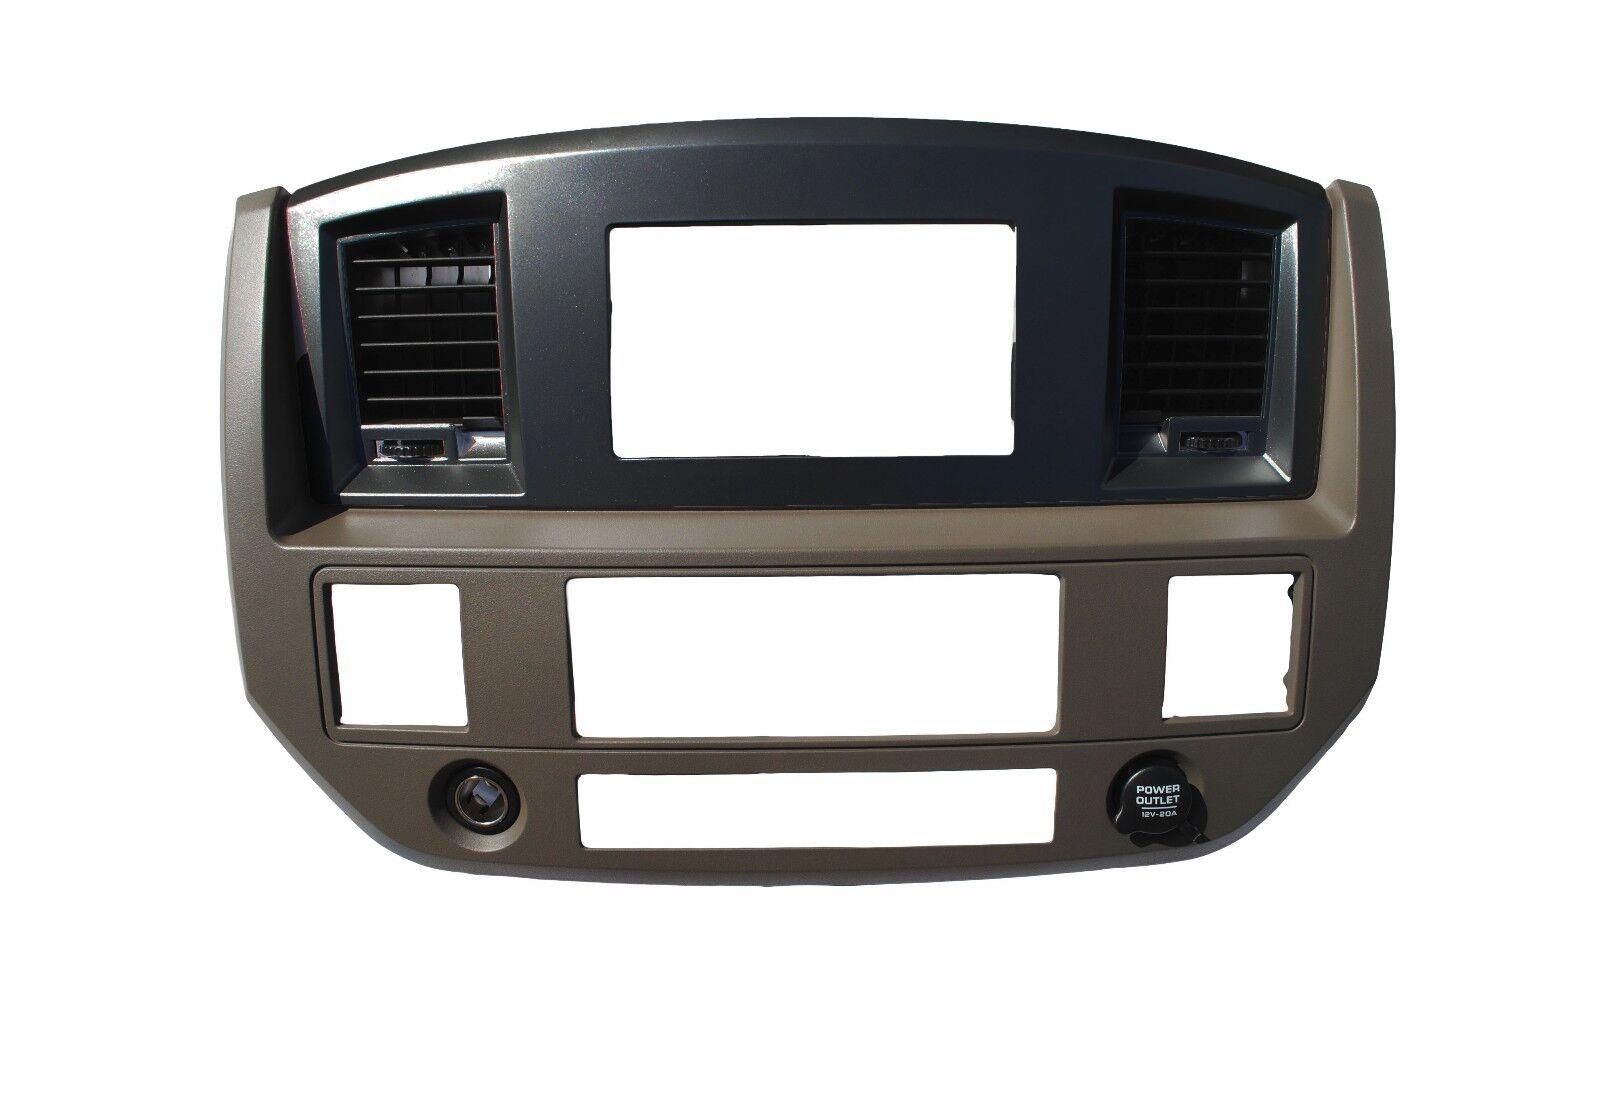 Dodge Ram 2006 07 08 09 Black Silver Bezel Gps Radio W/wi...